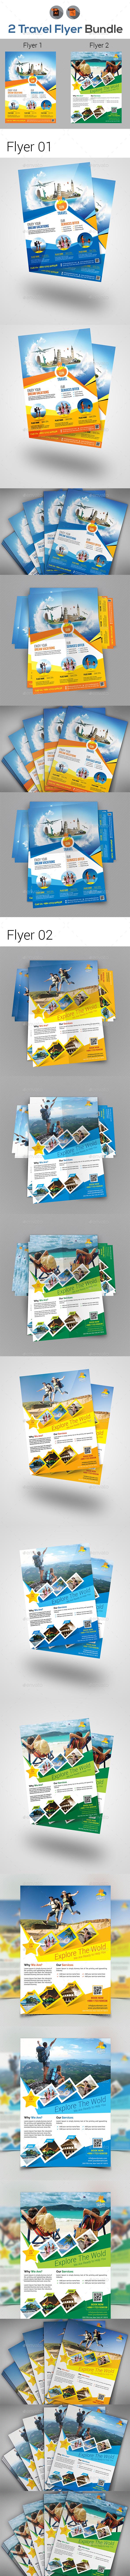 Travel Flyers Bundle V3 - Flyers Print Templates